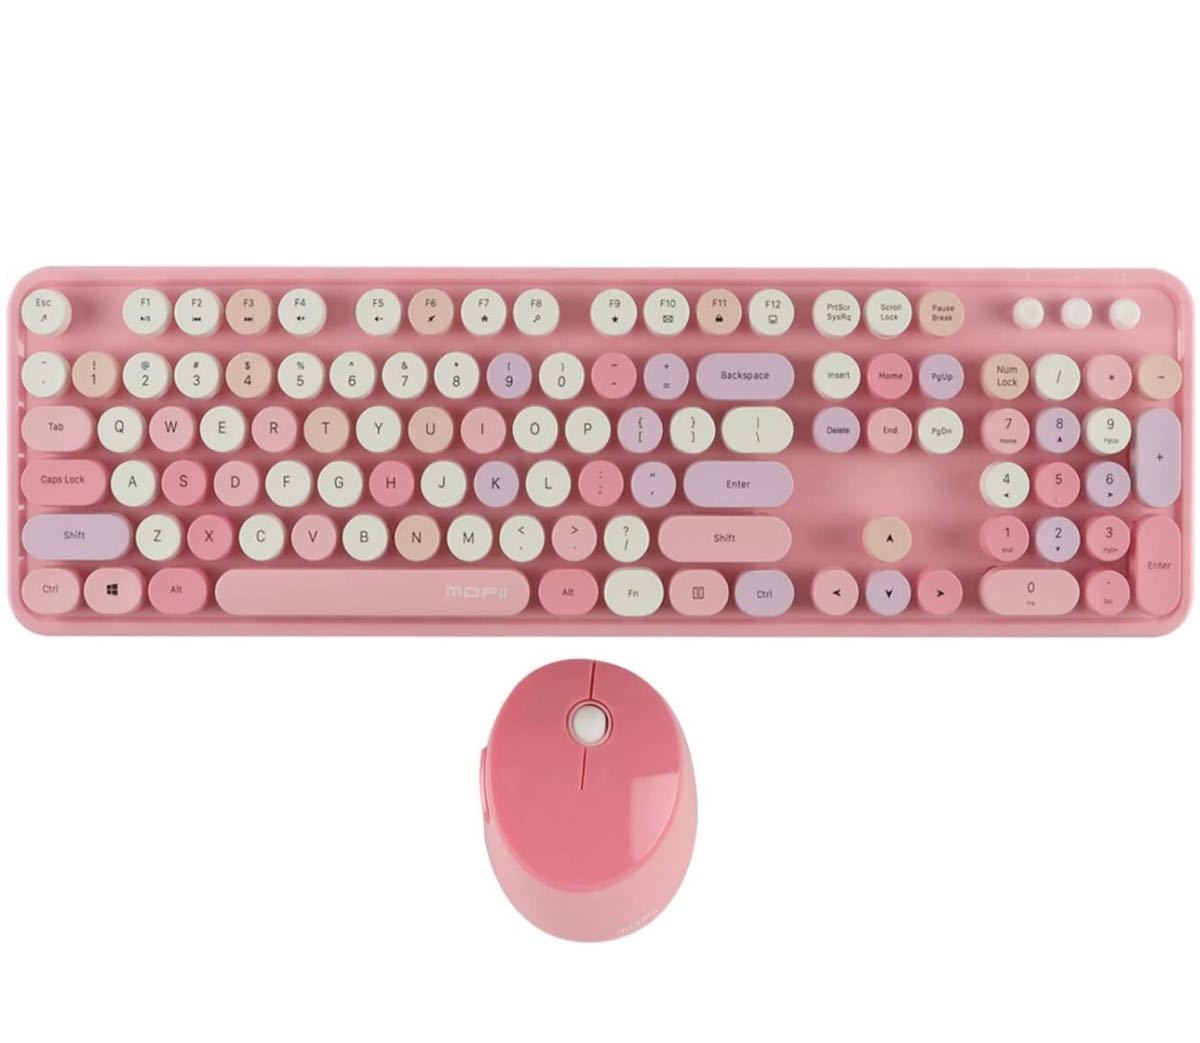 ワイヤレスキーボードマウスセット 大型キーボード 2.4GHz無線接続